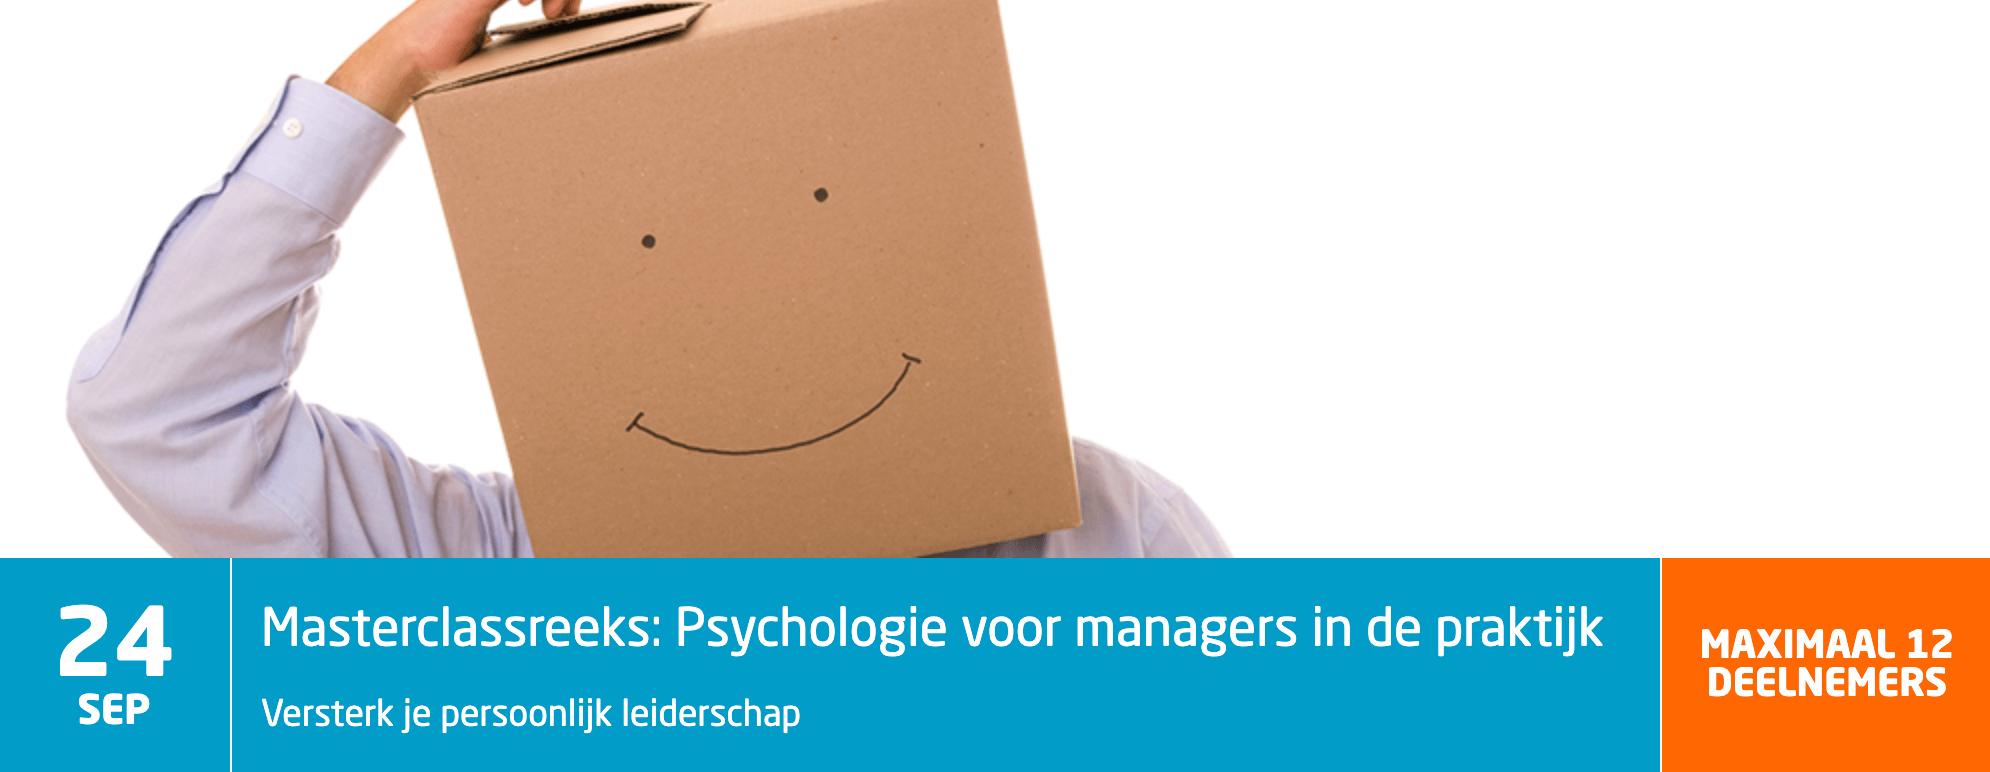 Masterclassreeks - Psychologie voor managers in de praktijk